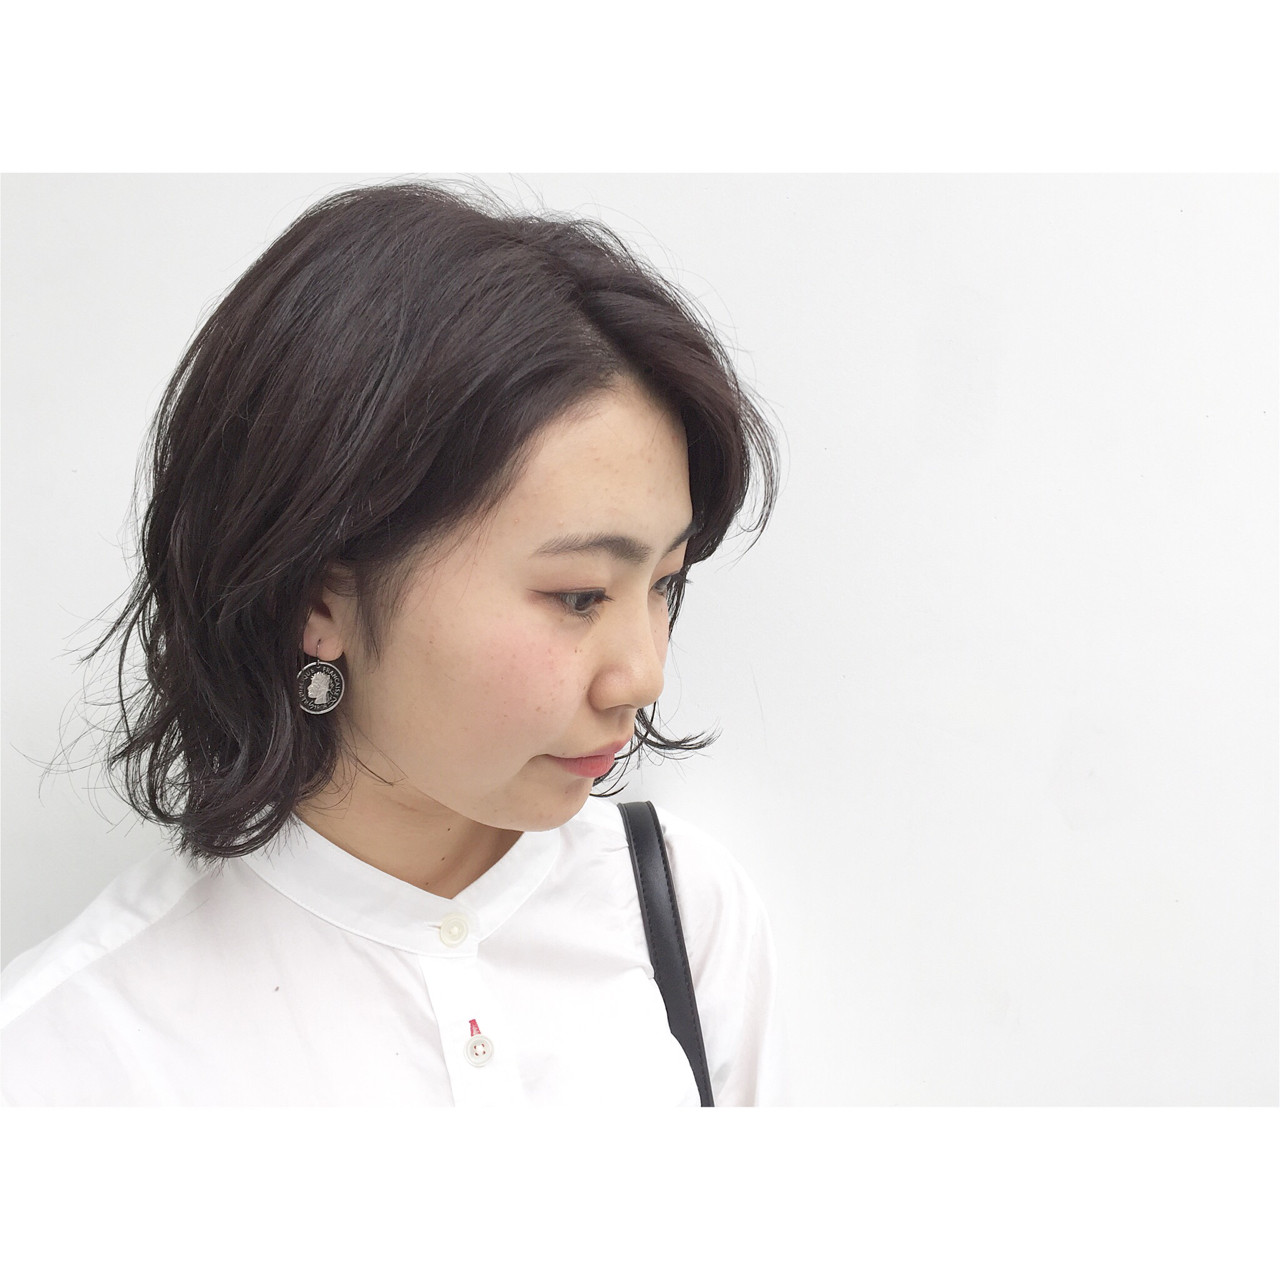 暗髪 ミディアム ナチュラル 外国人風 ヘアスタイルや髪型の写真・画像 | 安達 優生 / U-REALM(ユーレルム)